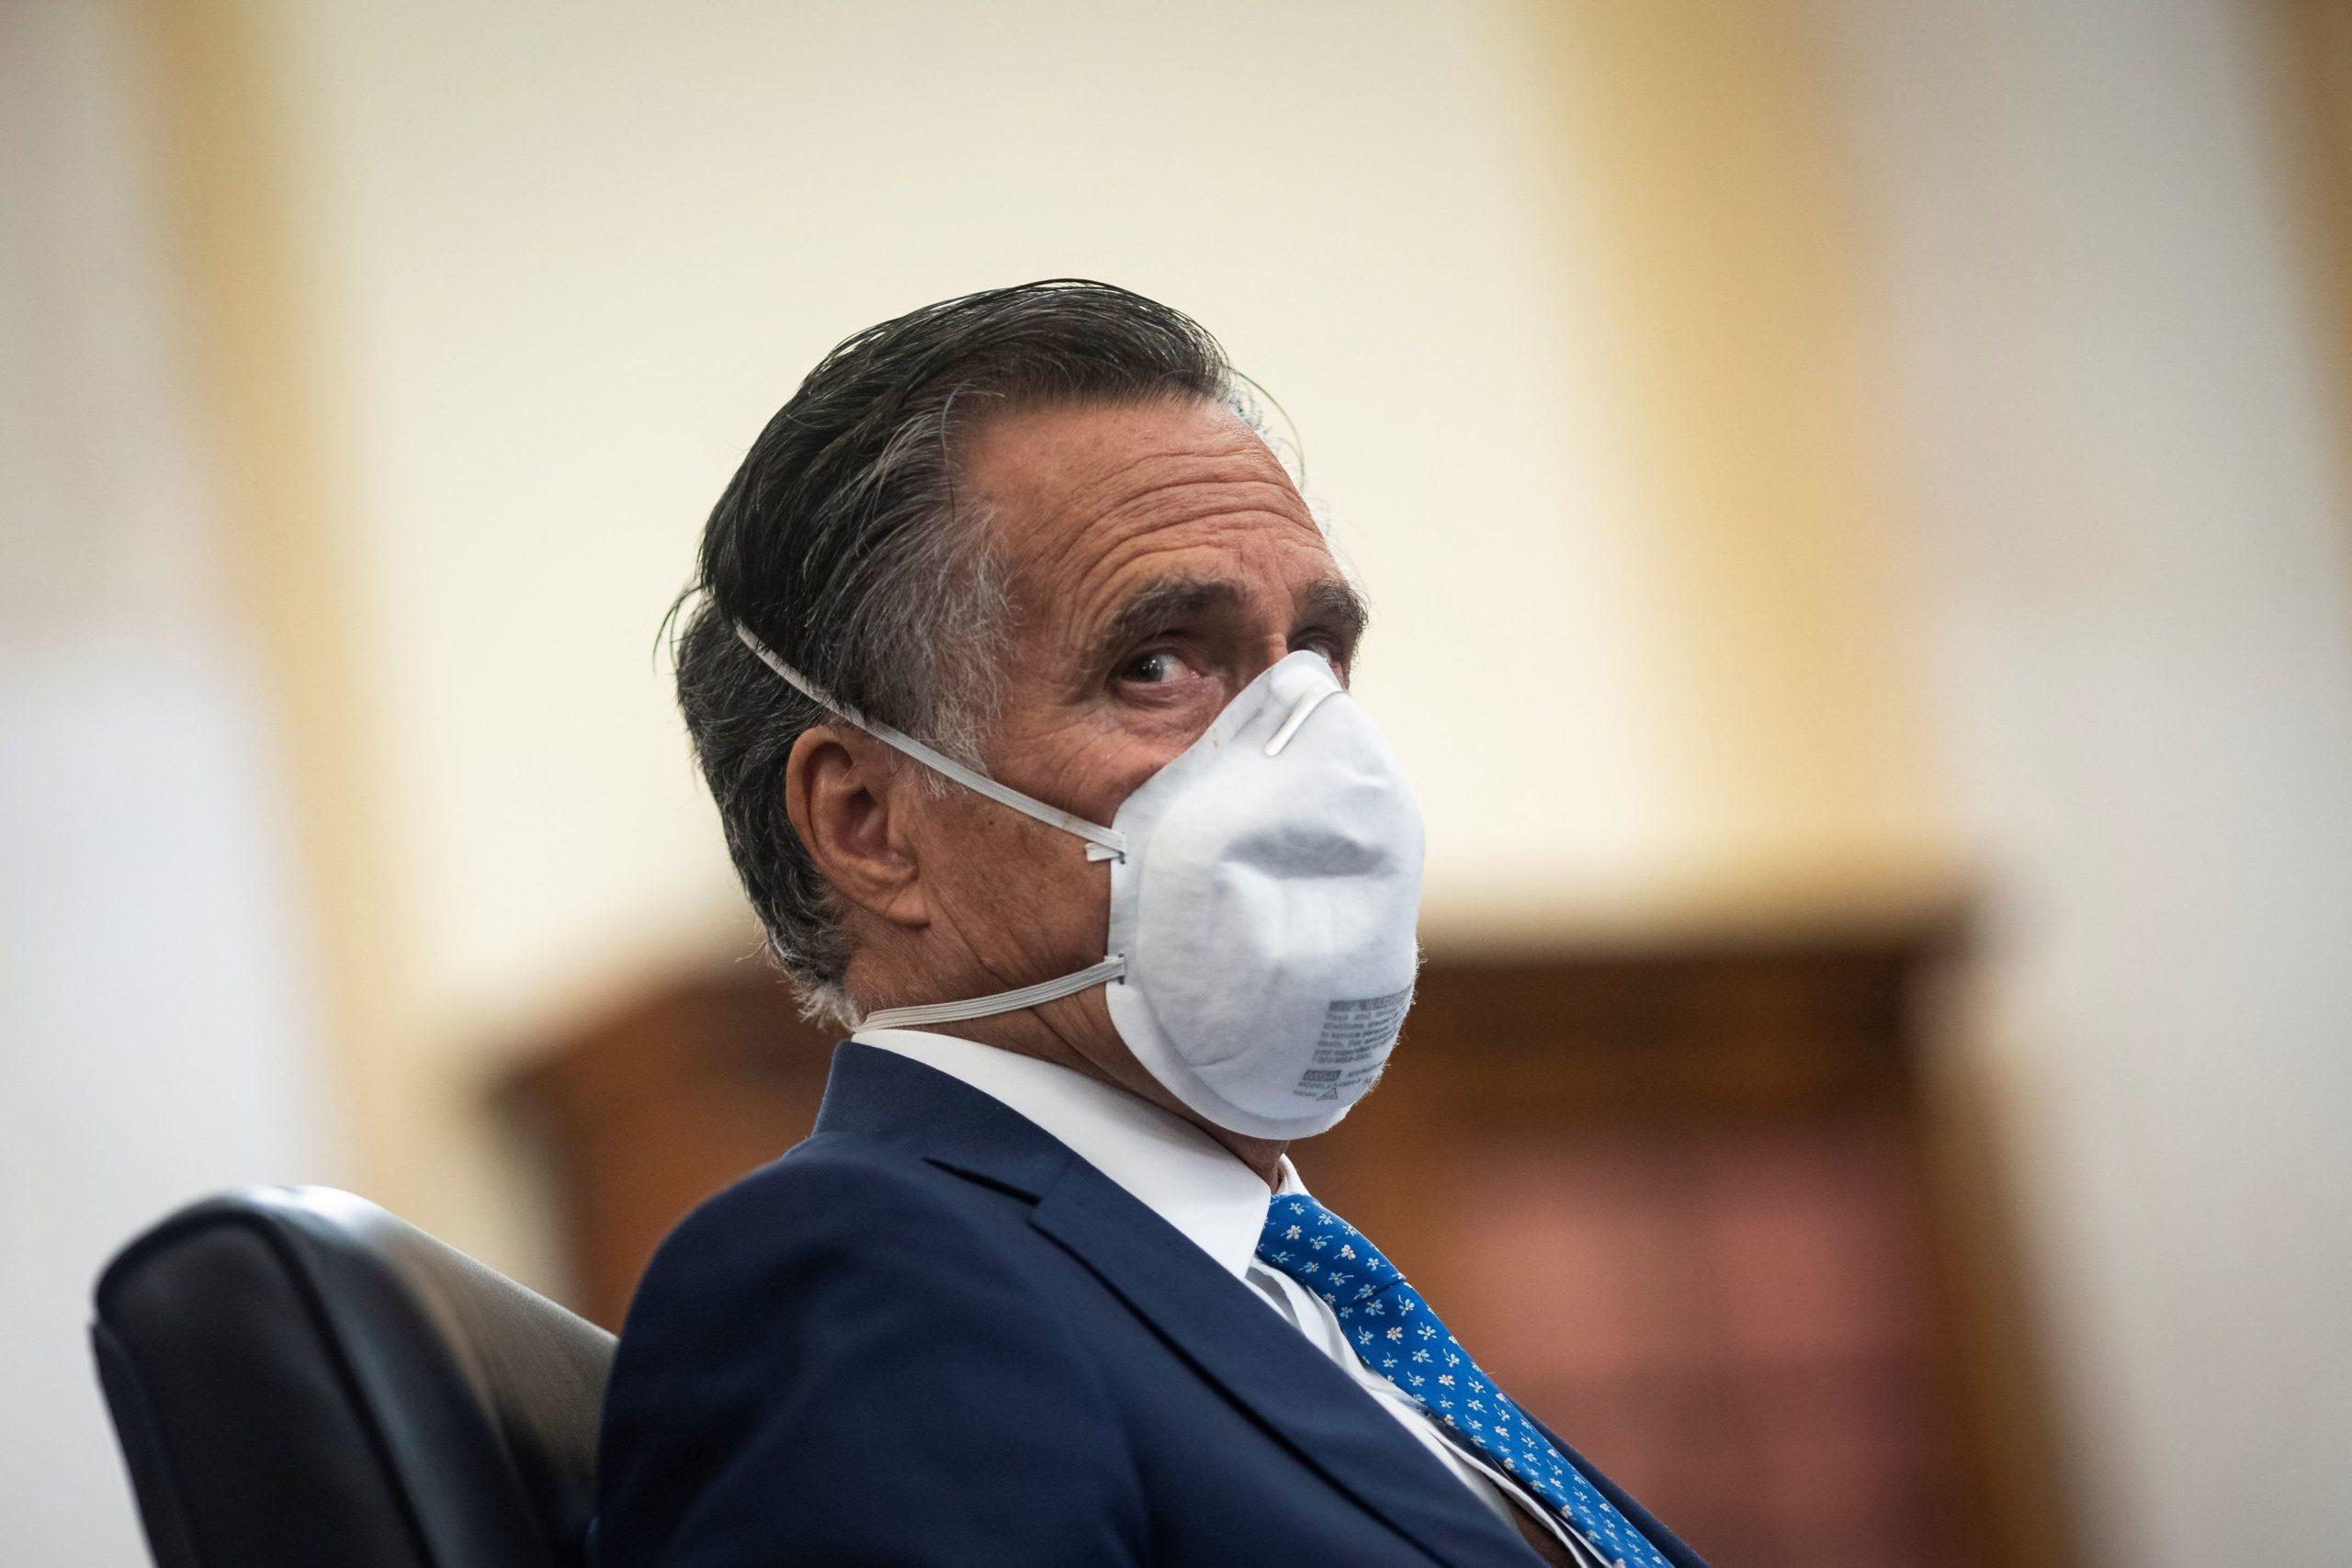 Romney slams Trump administration over U.S. coronavirus demise toll